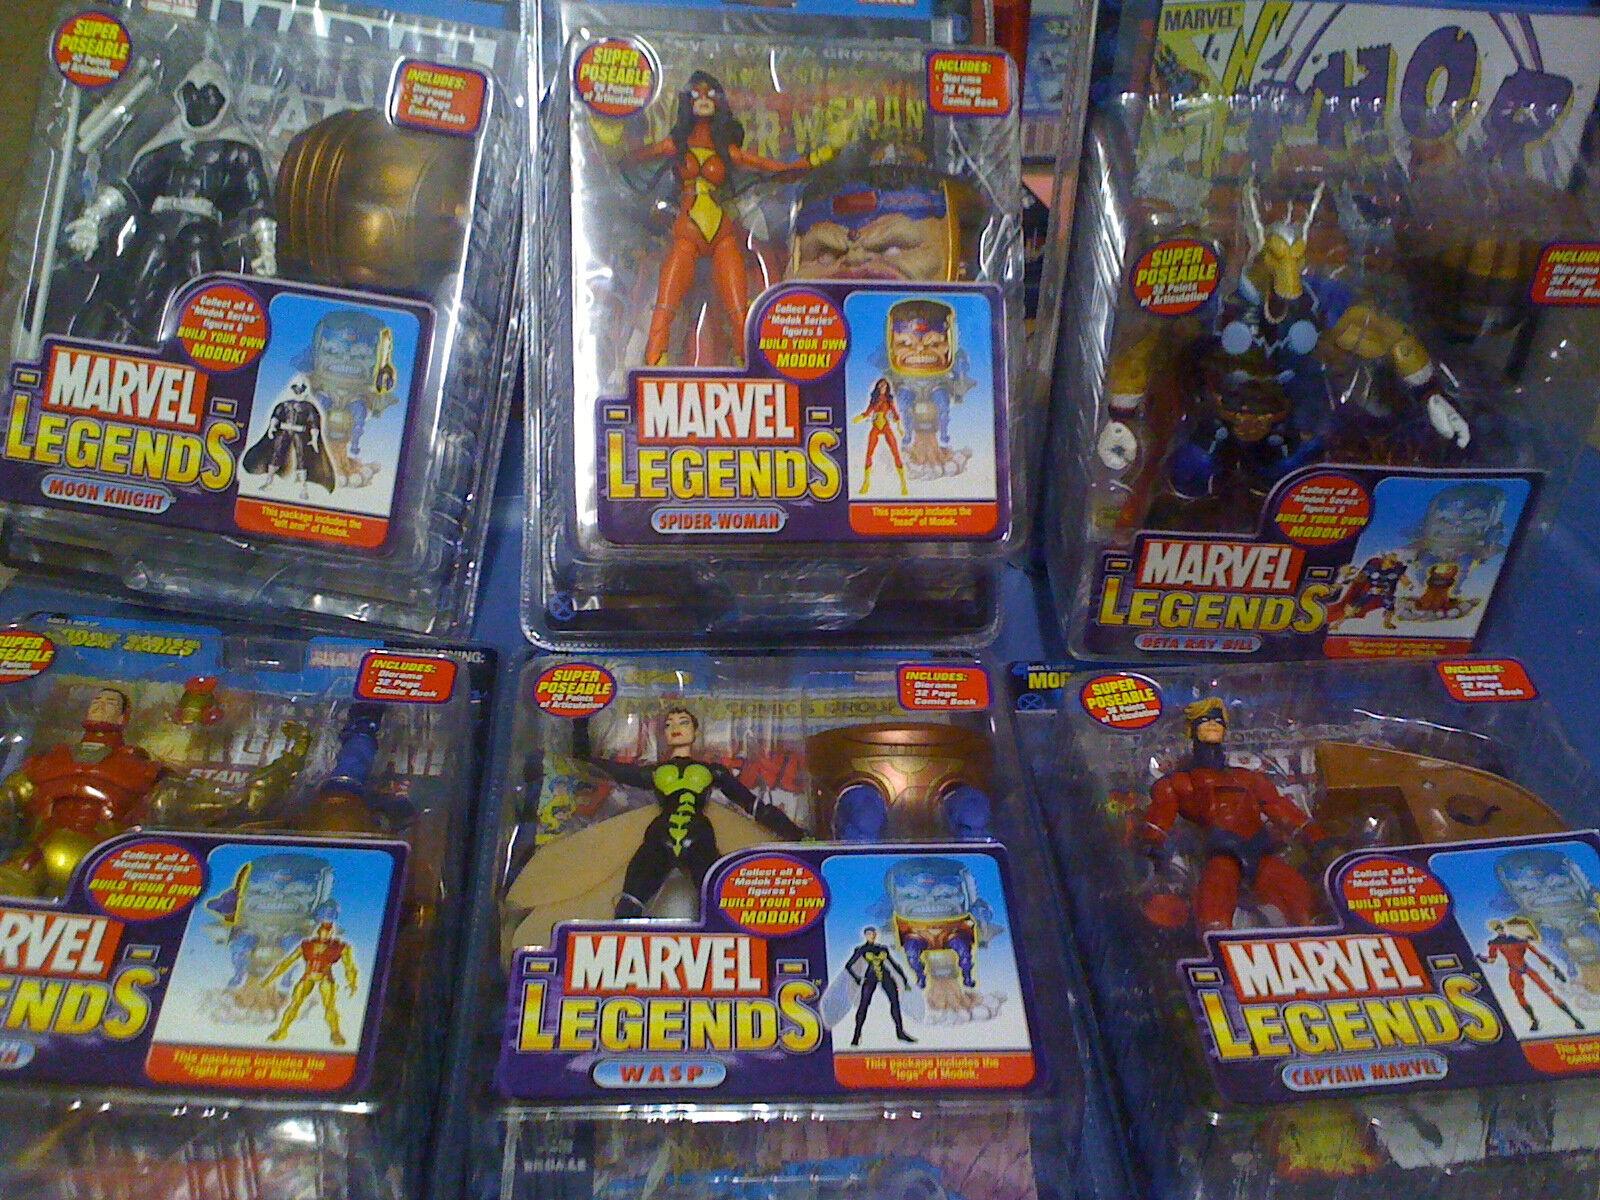 Marvel Legends MODOK Series Set Of 6 BAF Figures NEW FREE SHIP US